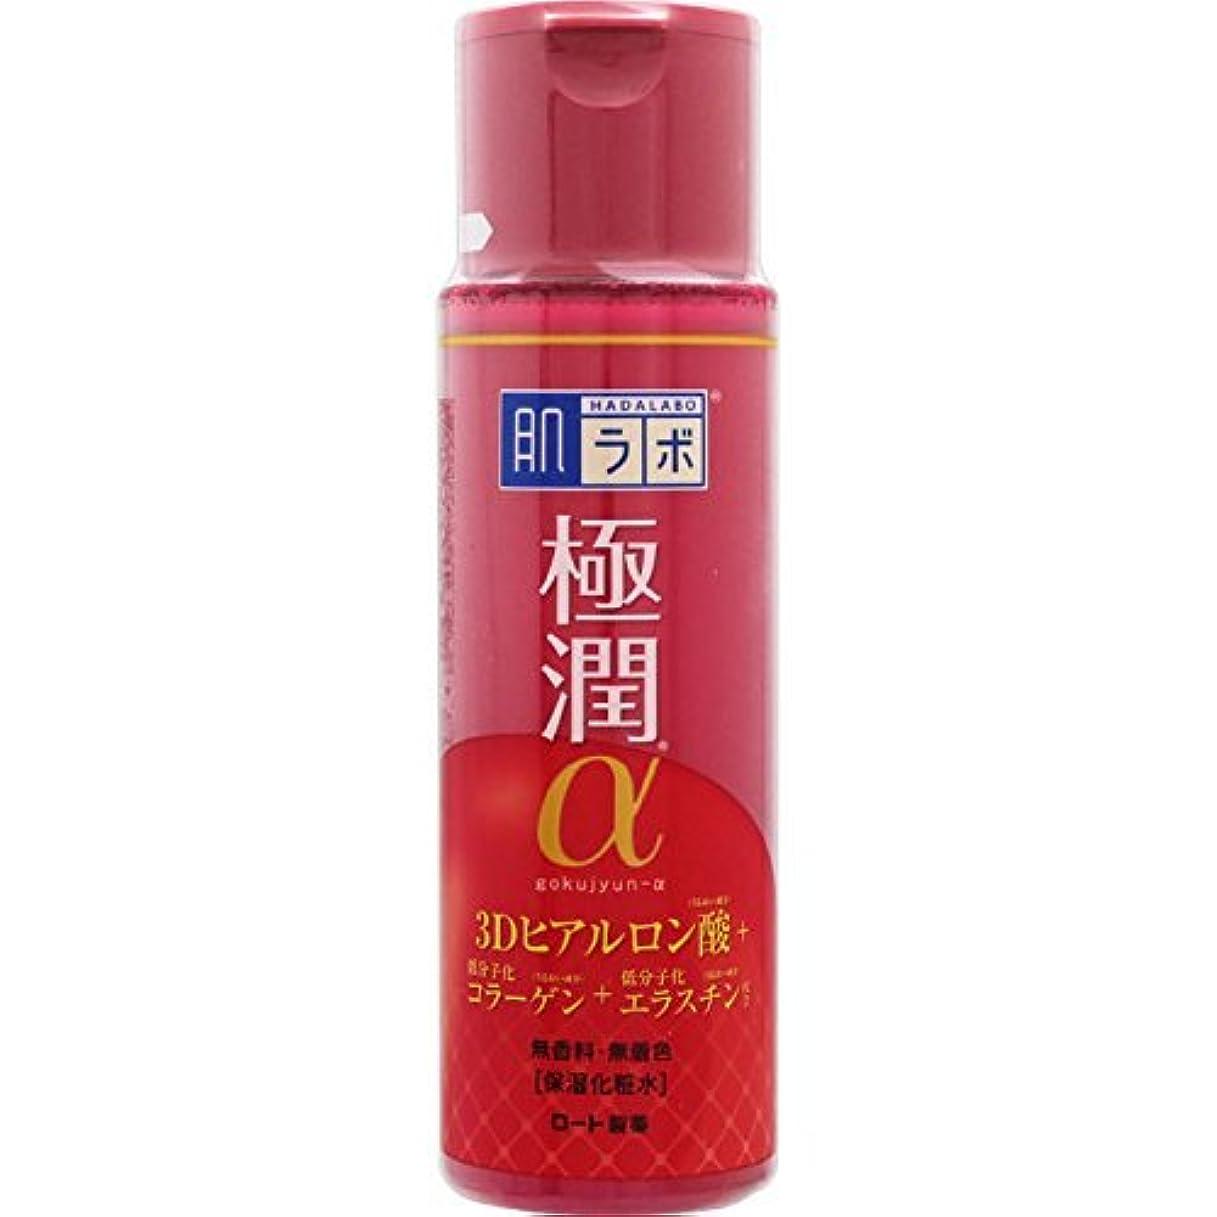 協定記者仮称肌ラボ 極潤α ハリ化粧水 170mL